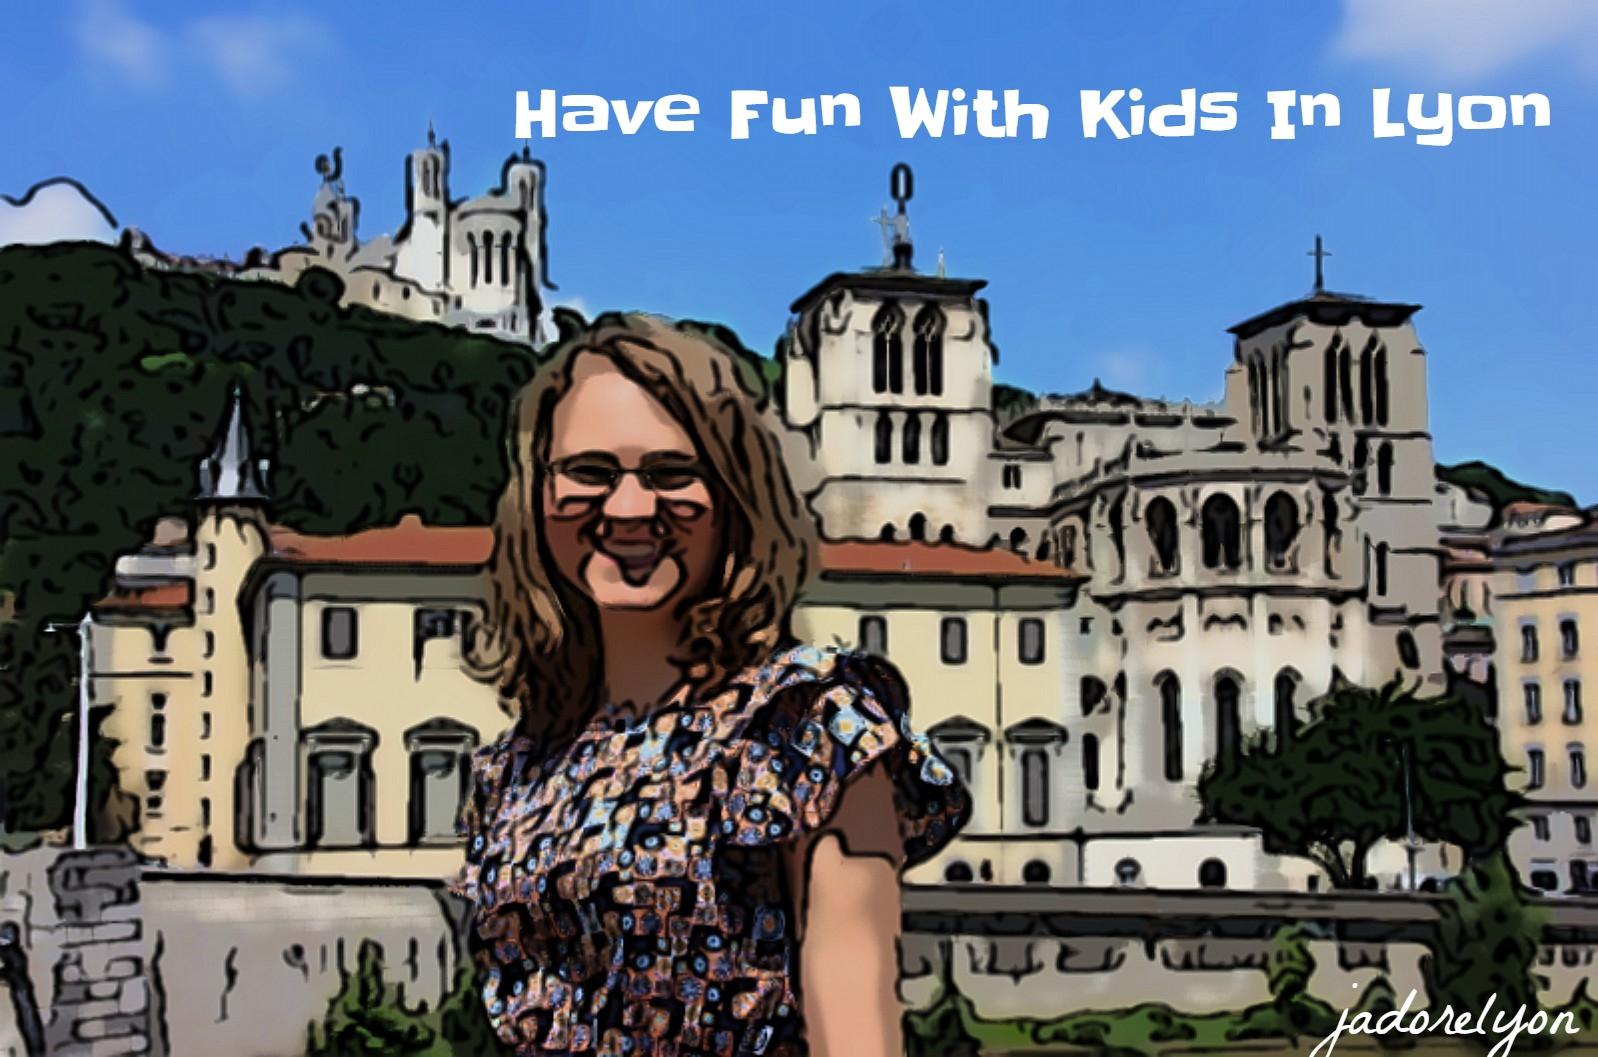 lyon for kids - have fun 1